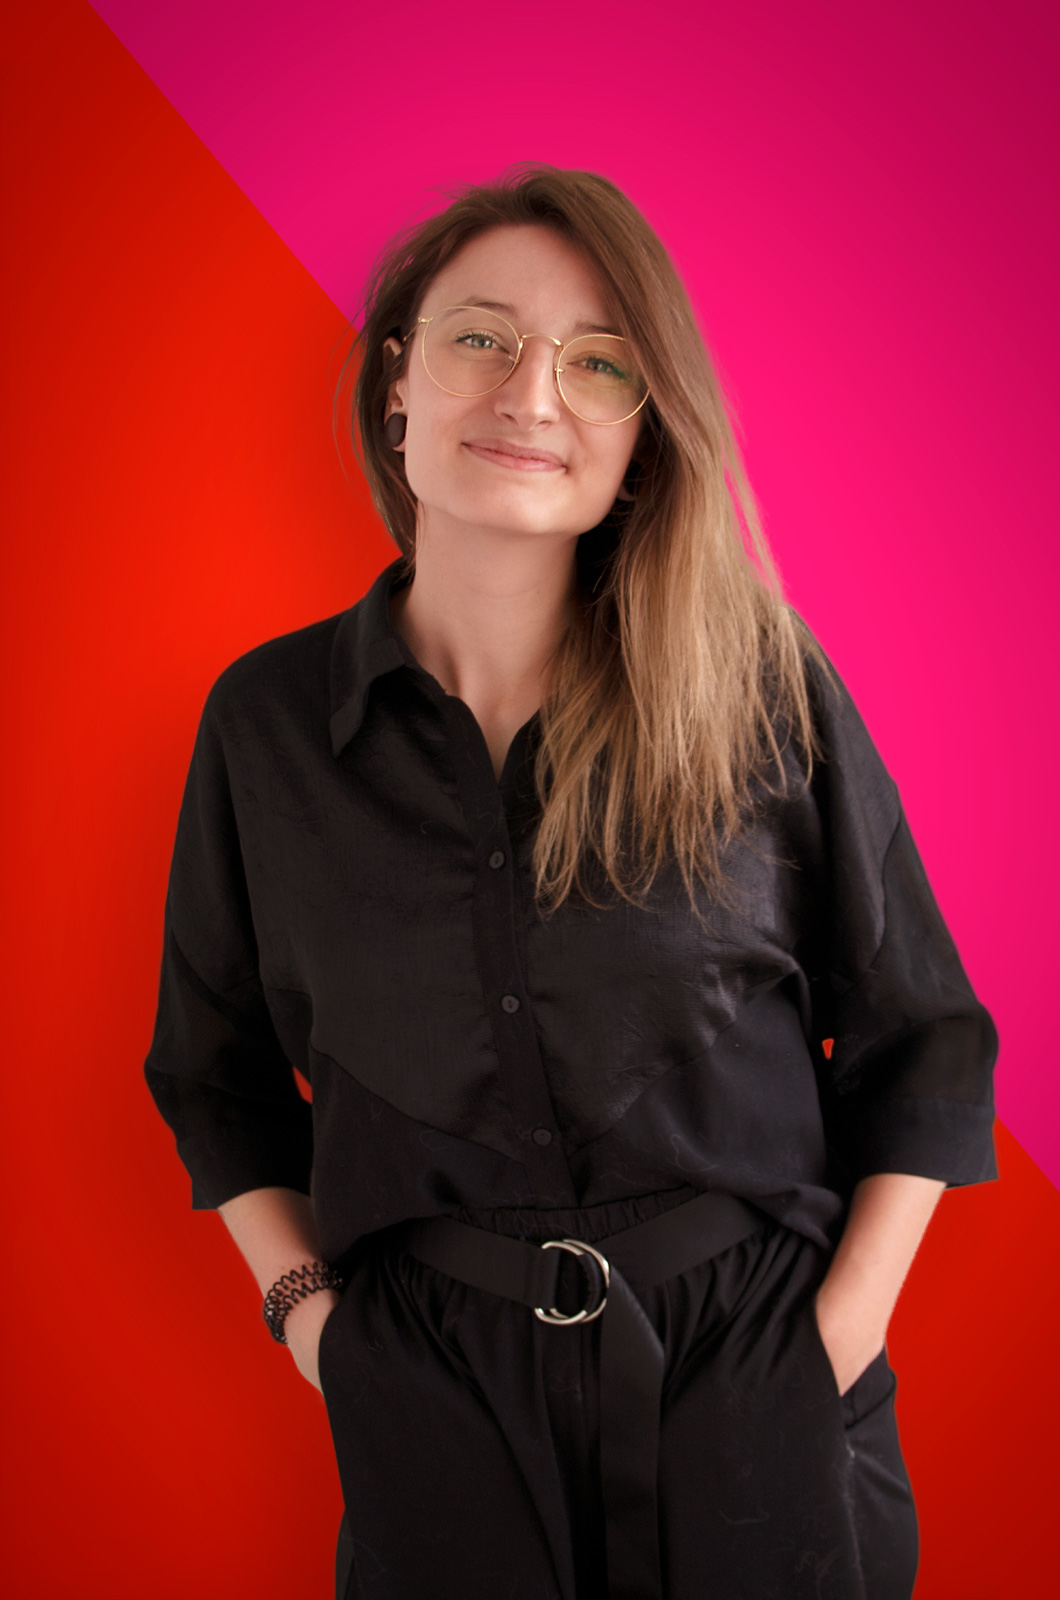 Chantal Szabo